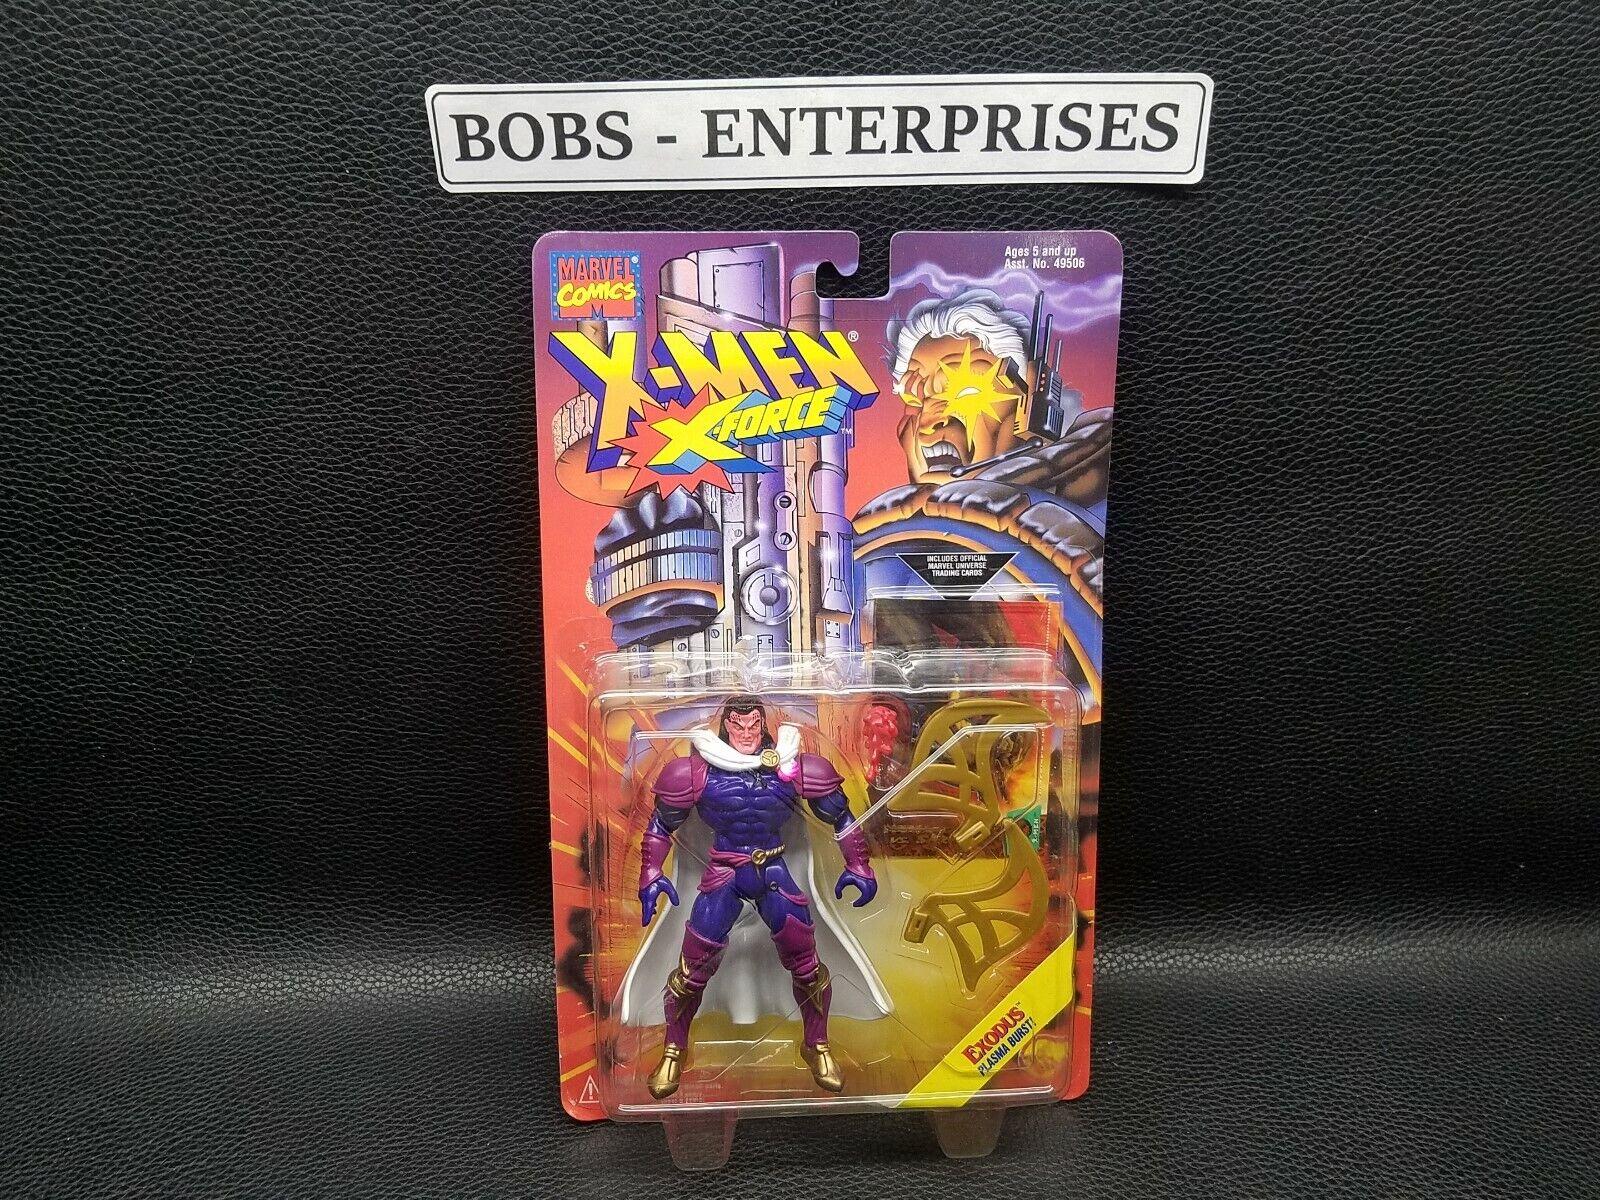 Exodus X-Factor minifigure movie Marvel Comic cartoon toy figure